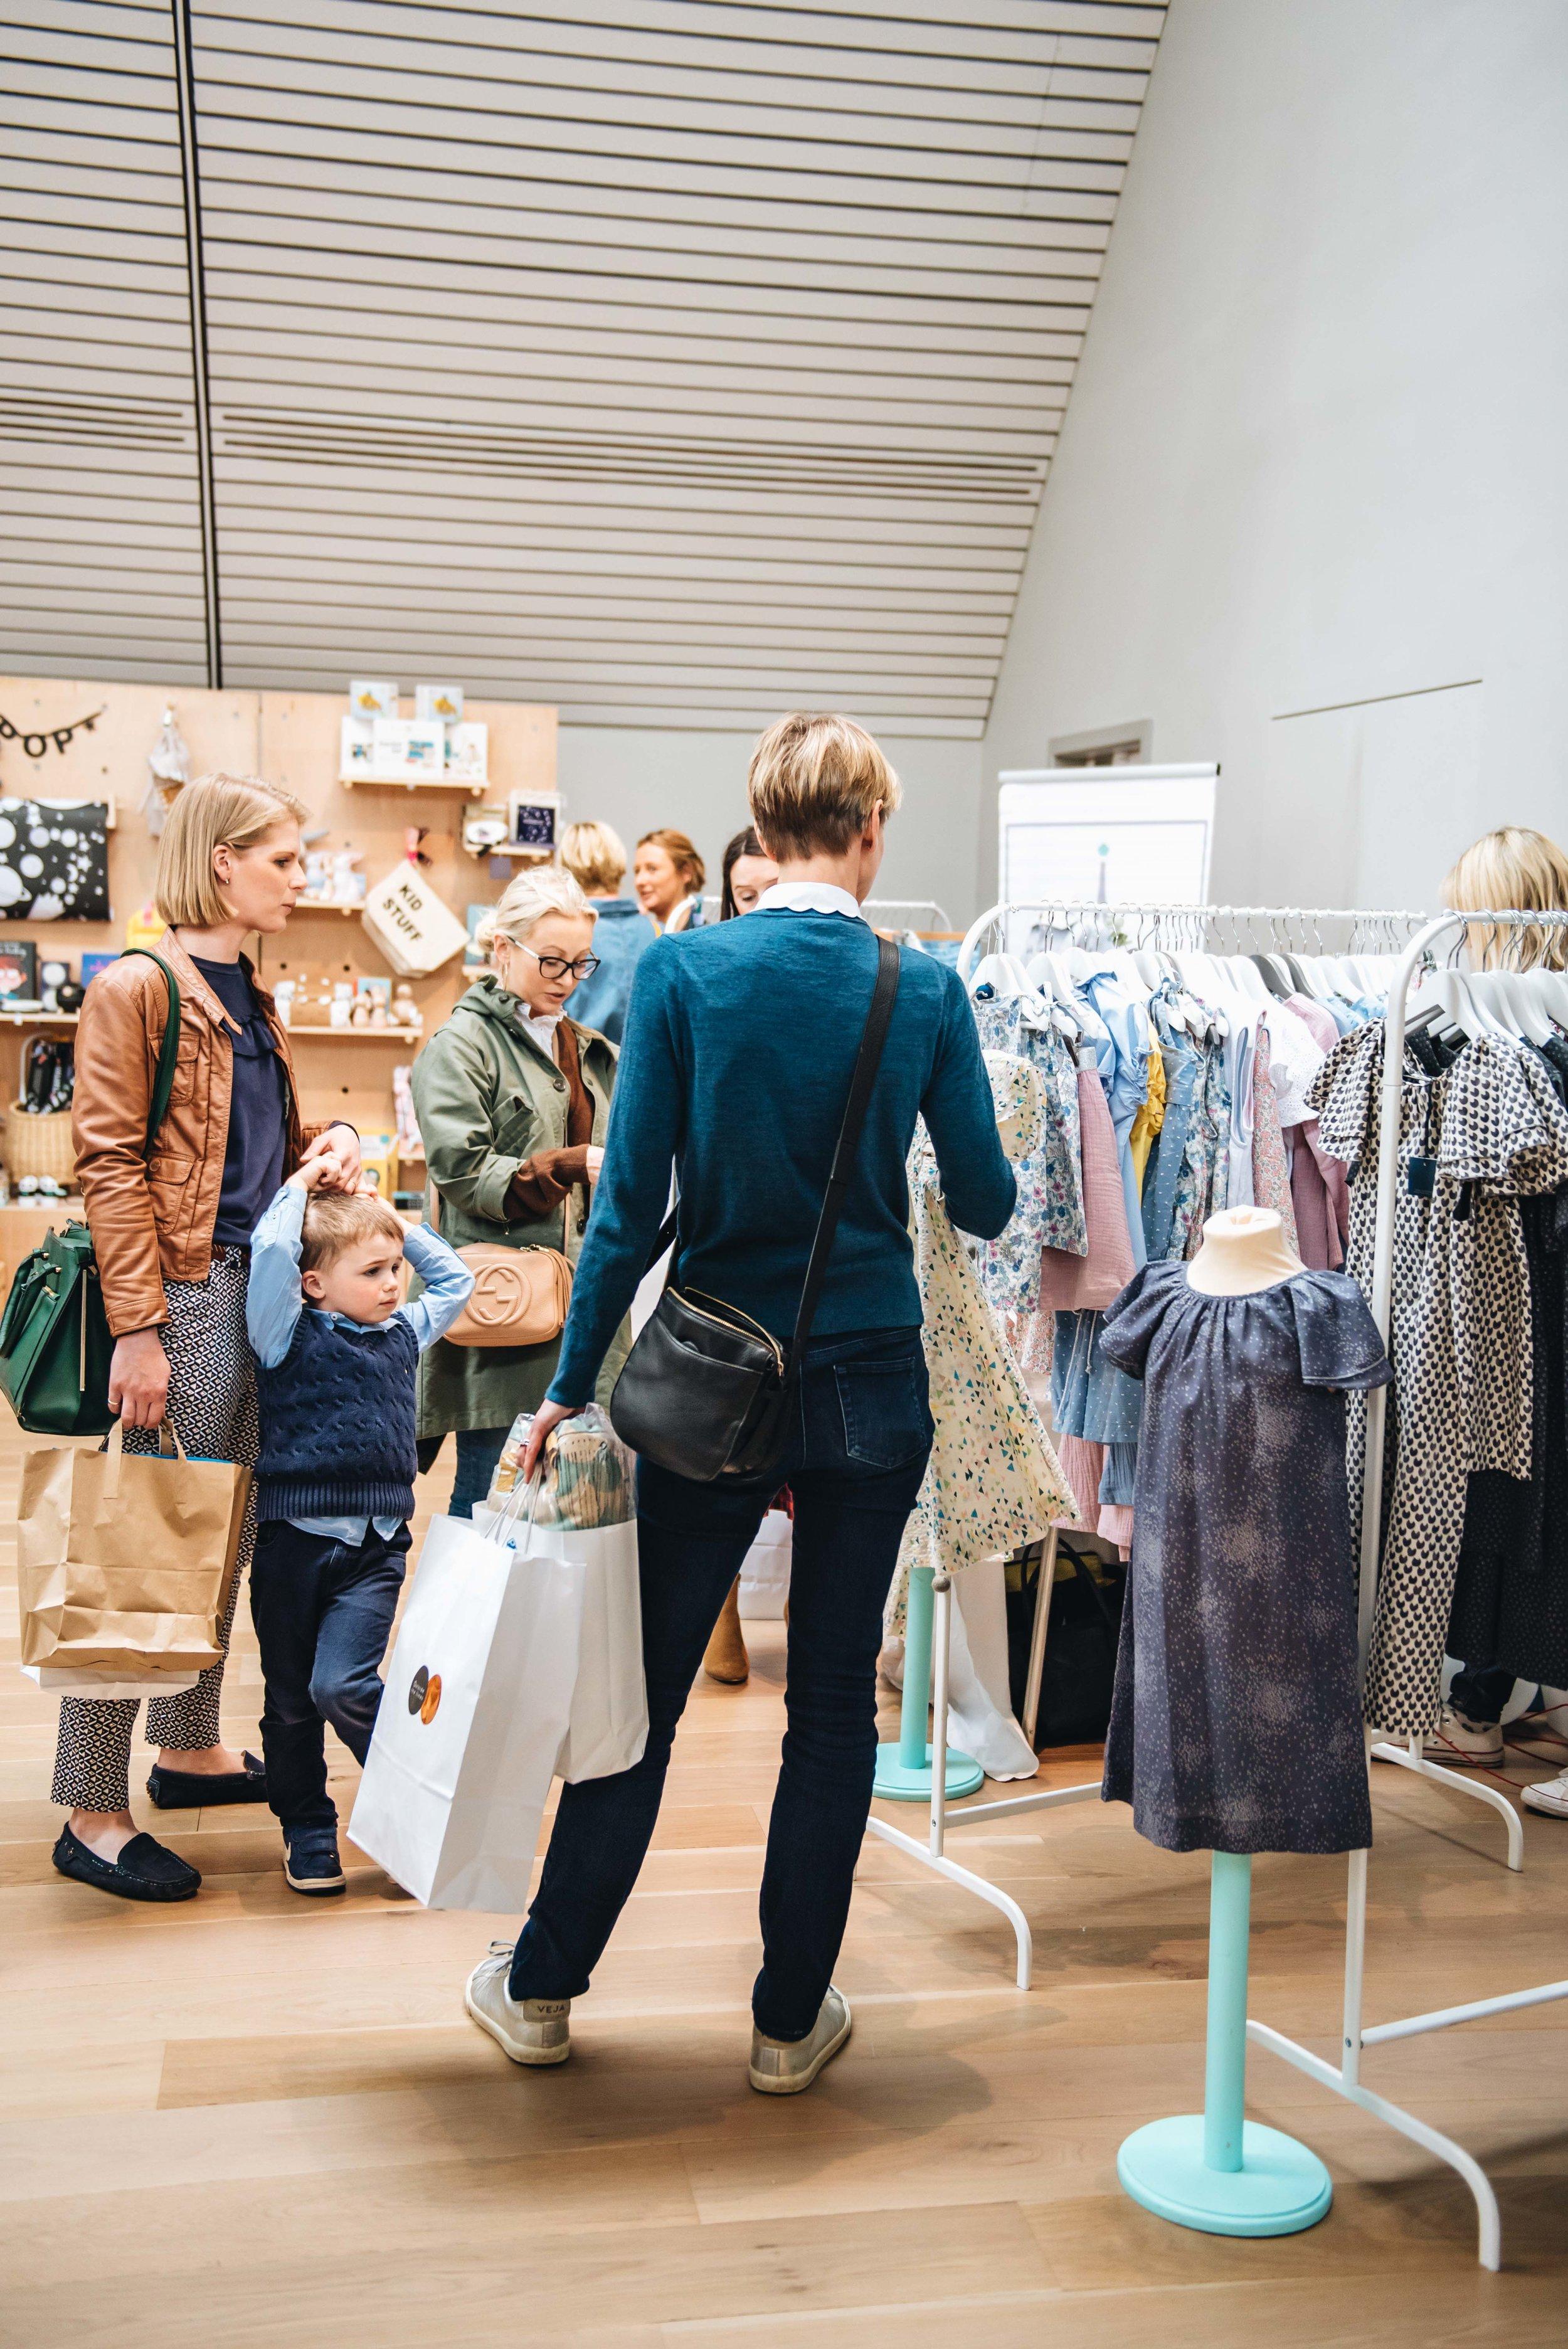 shoppergroup;.jpg